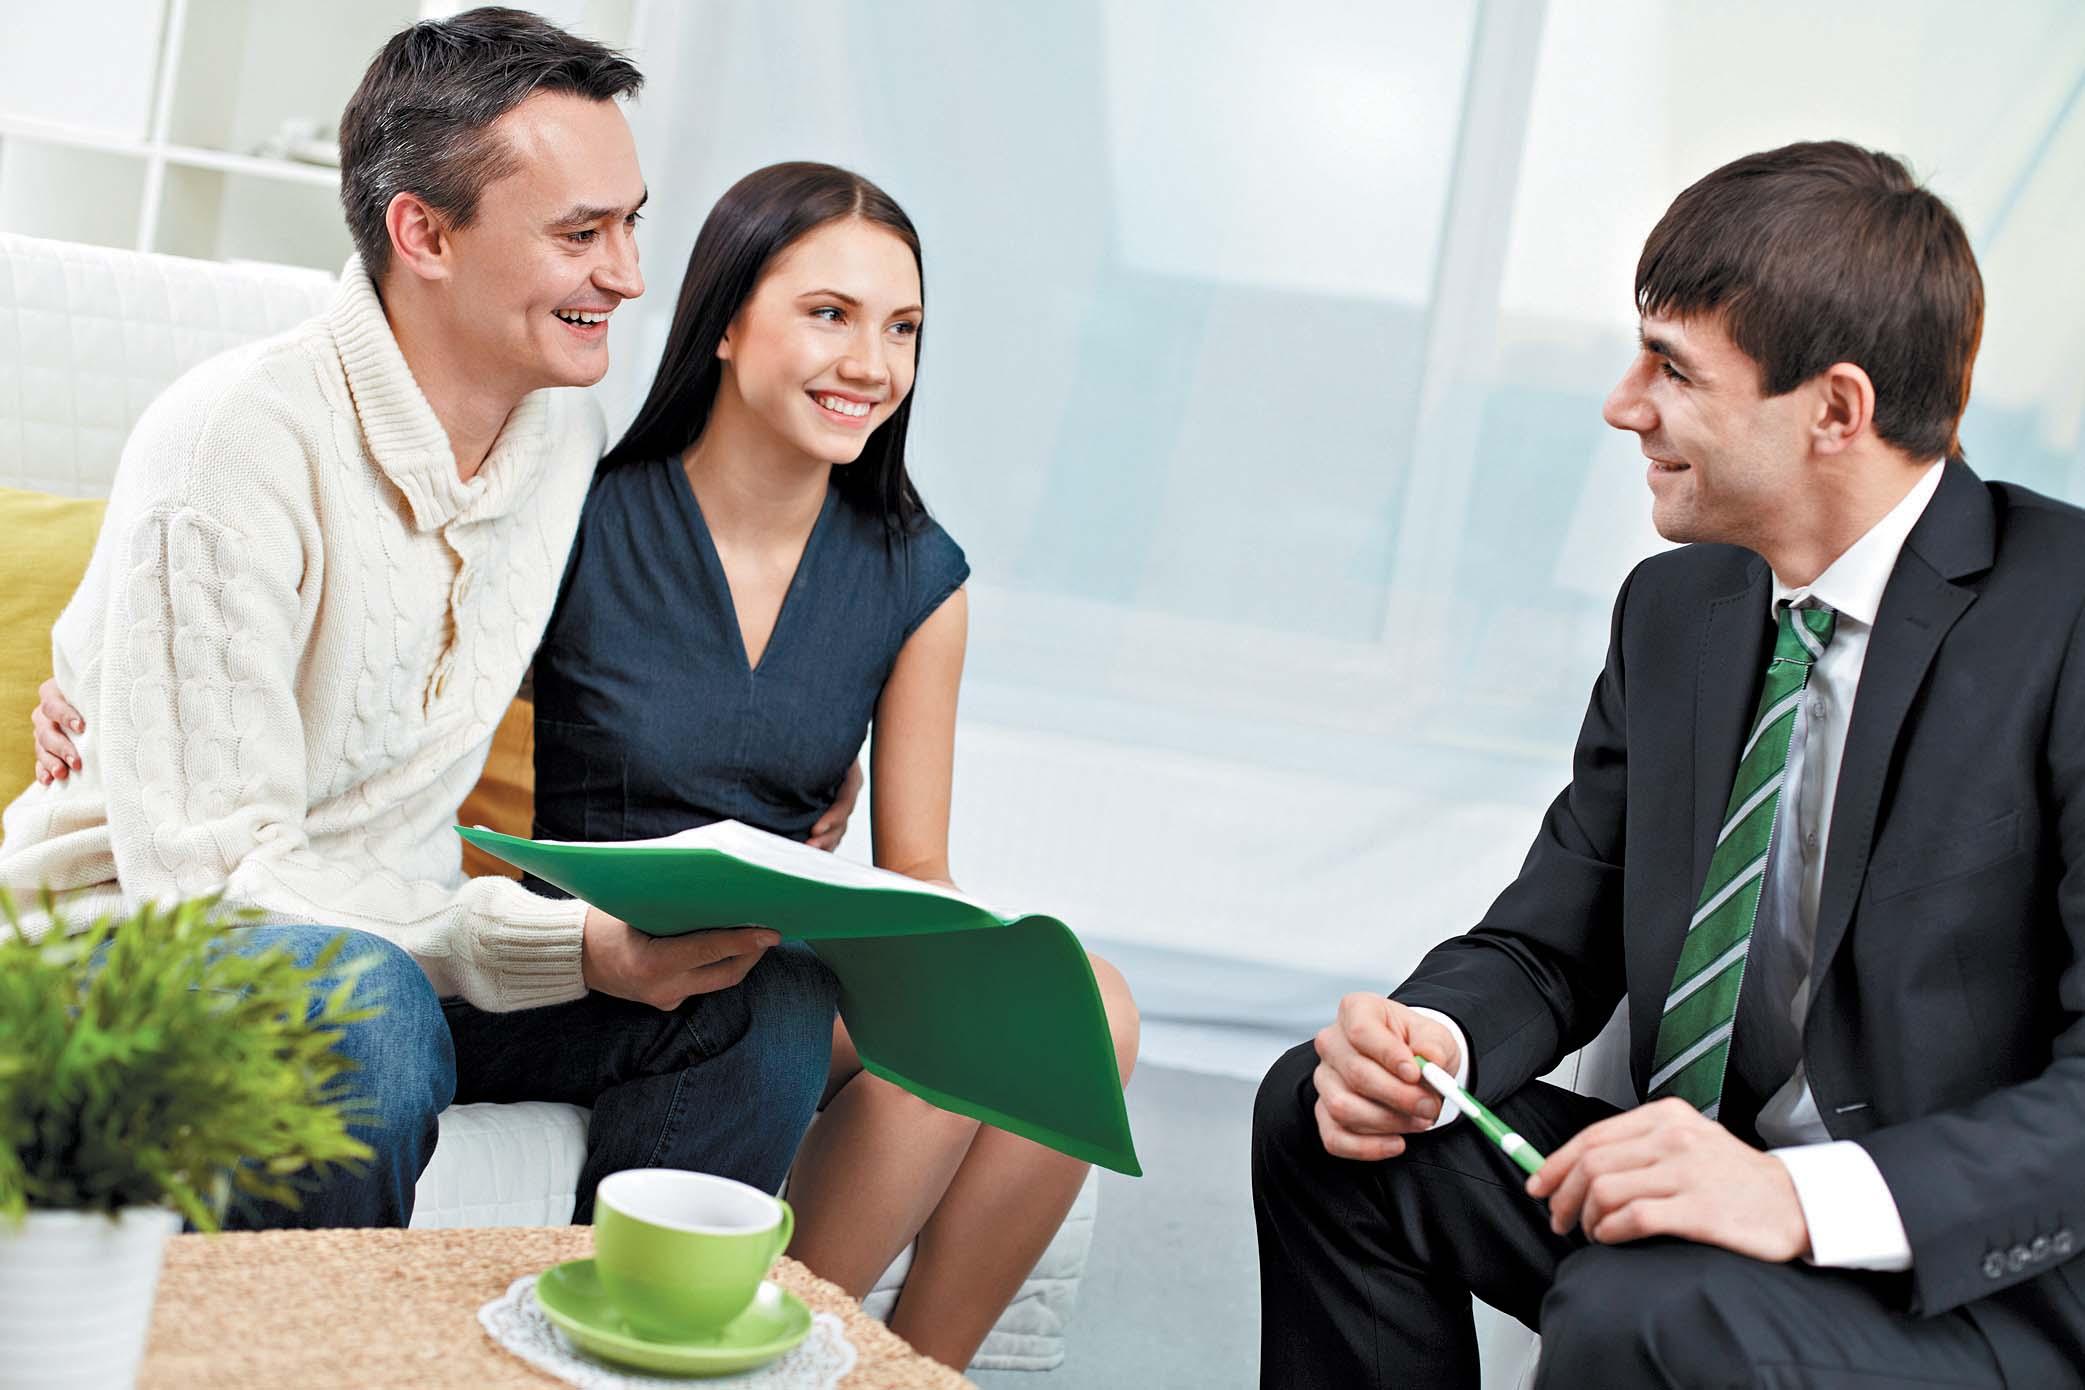 Юридическое сопровождение сделок с недвижимостью